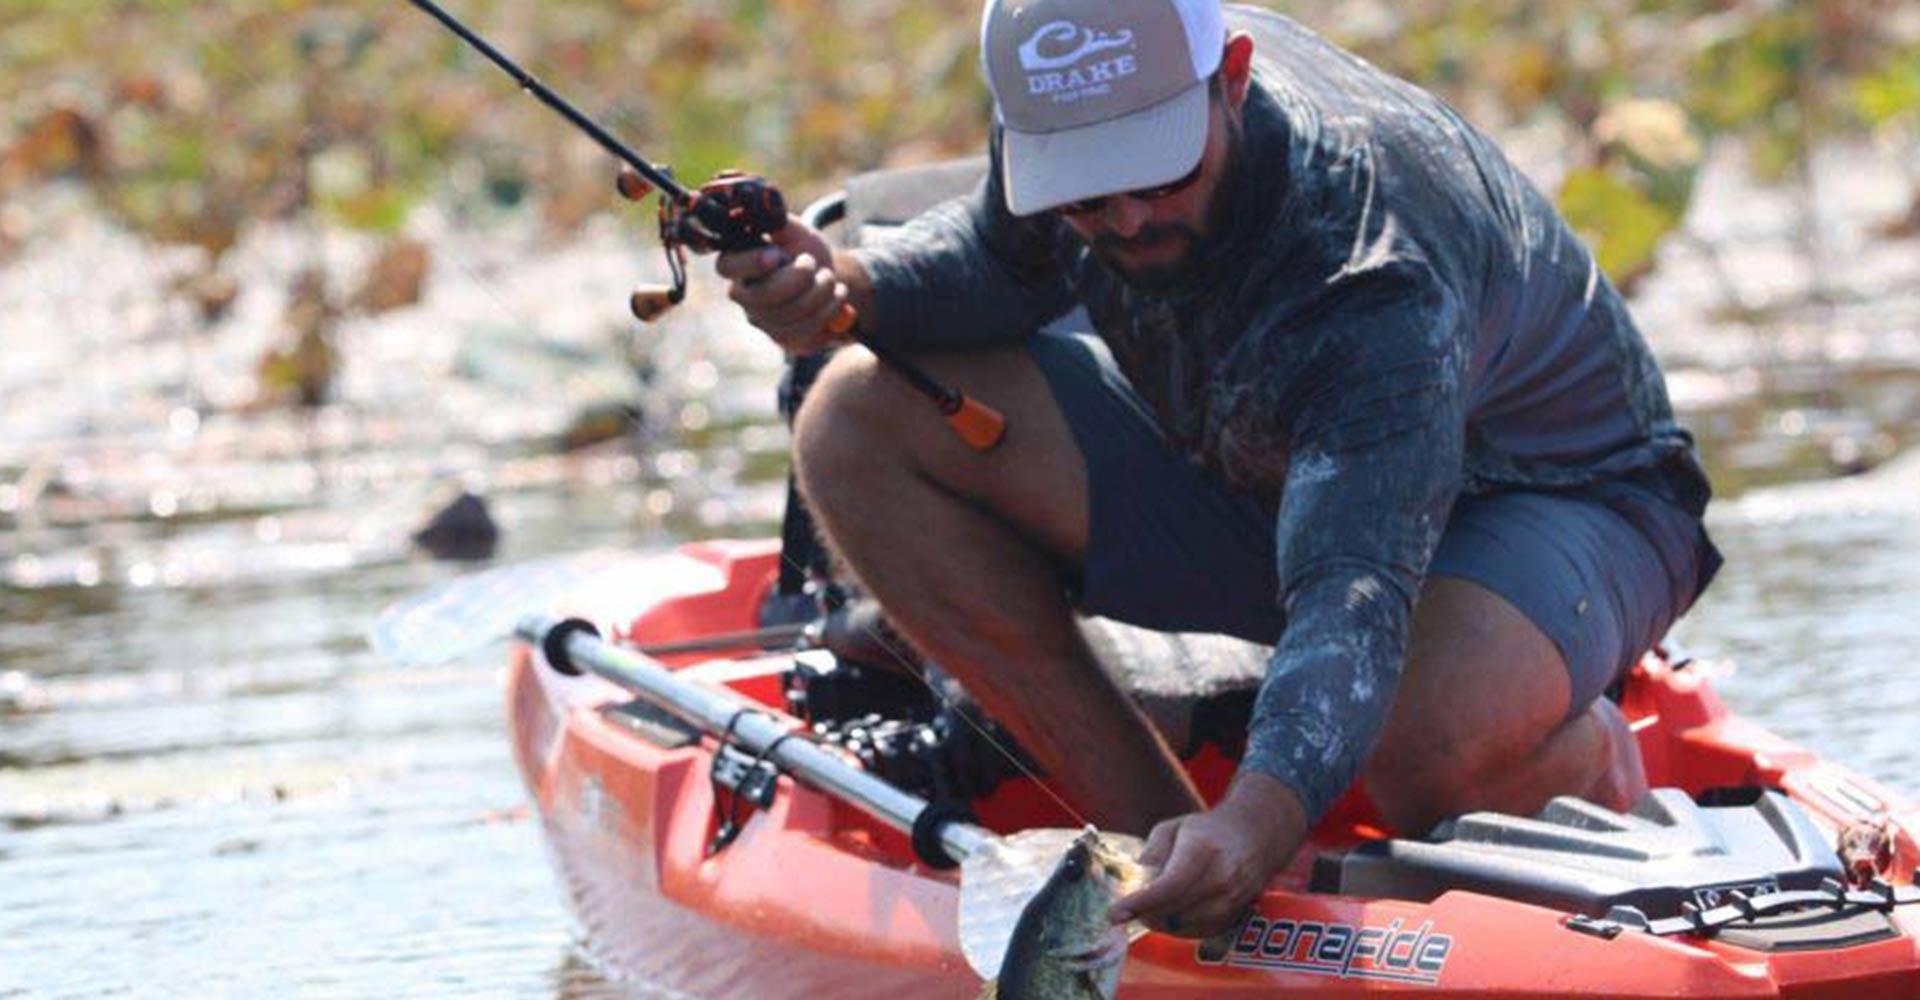 Kayaker catching fish.